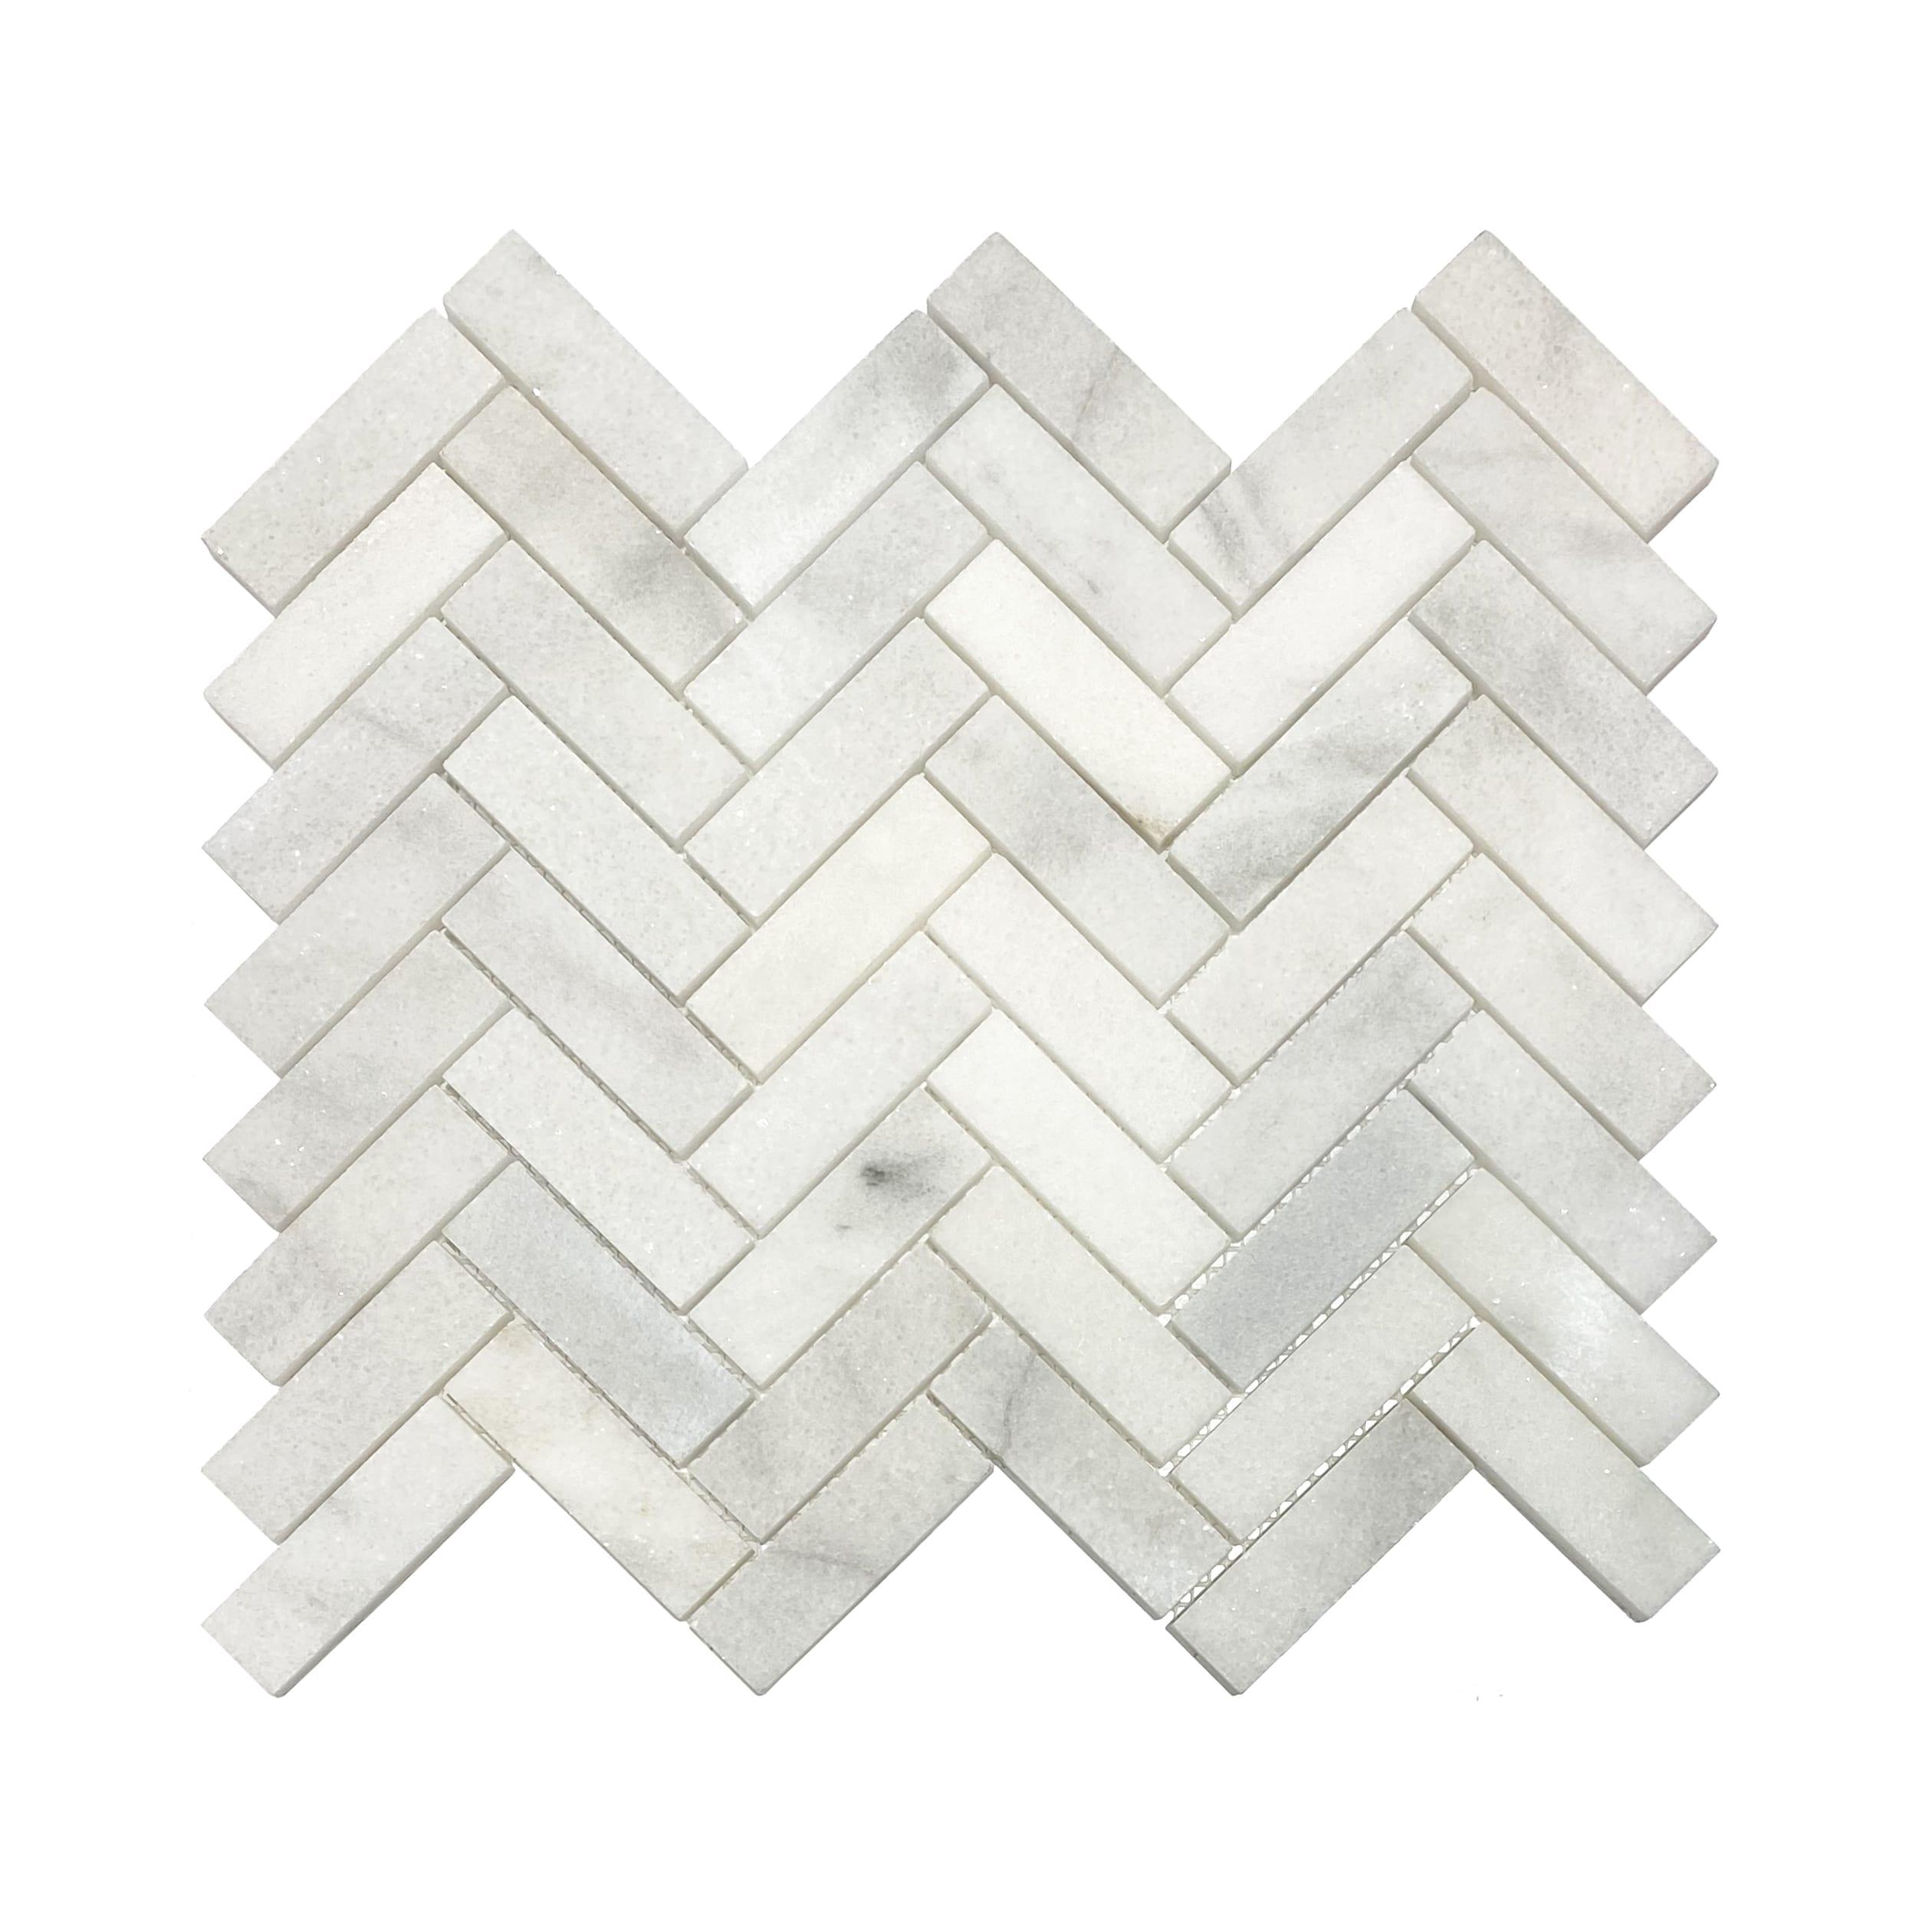 1×3 Herringbone Mosaic Tile_Bianco Marble_8.99ea